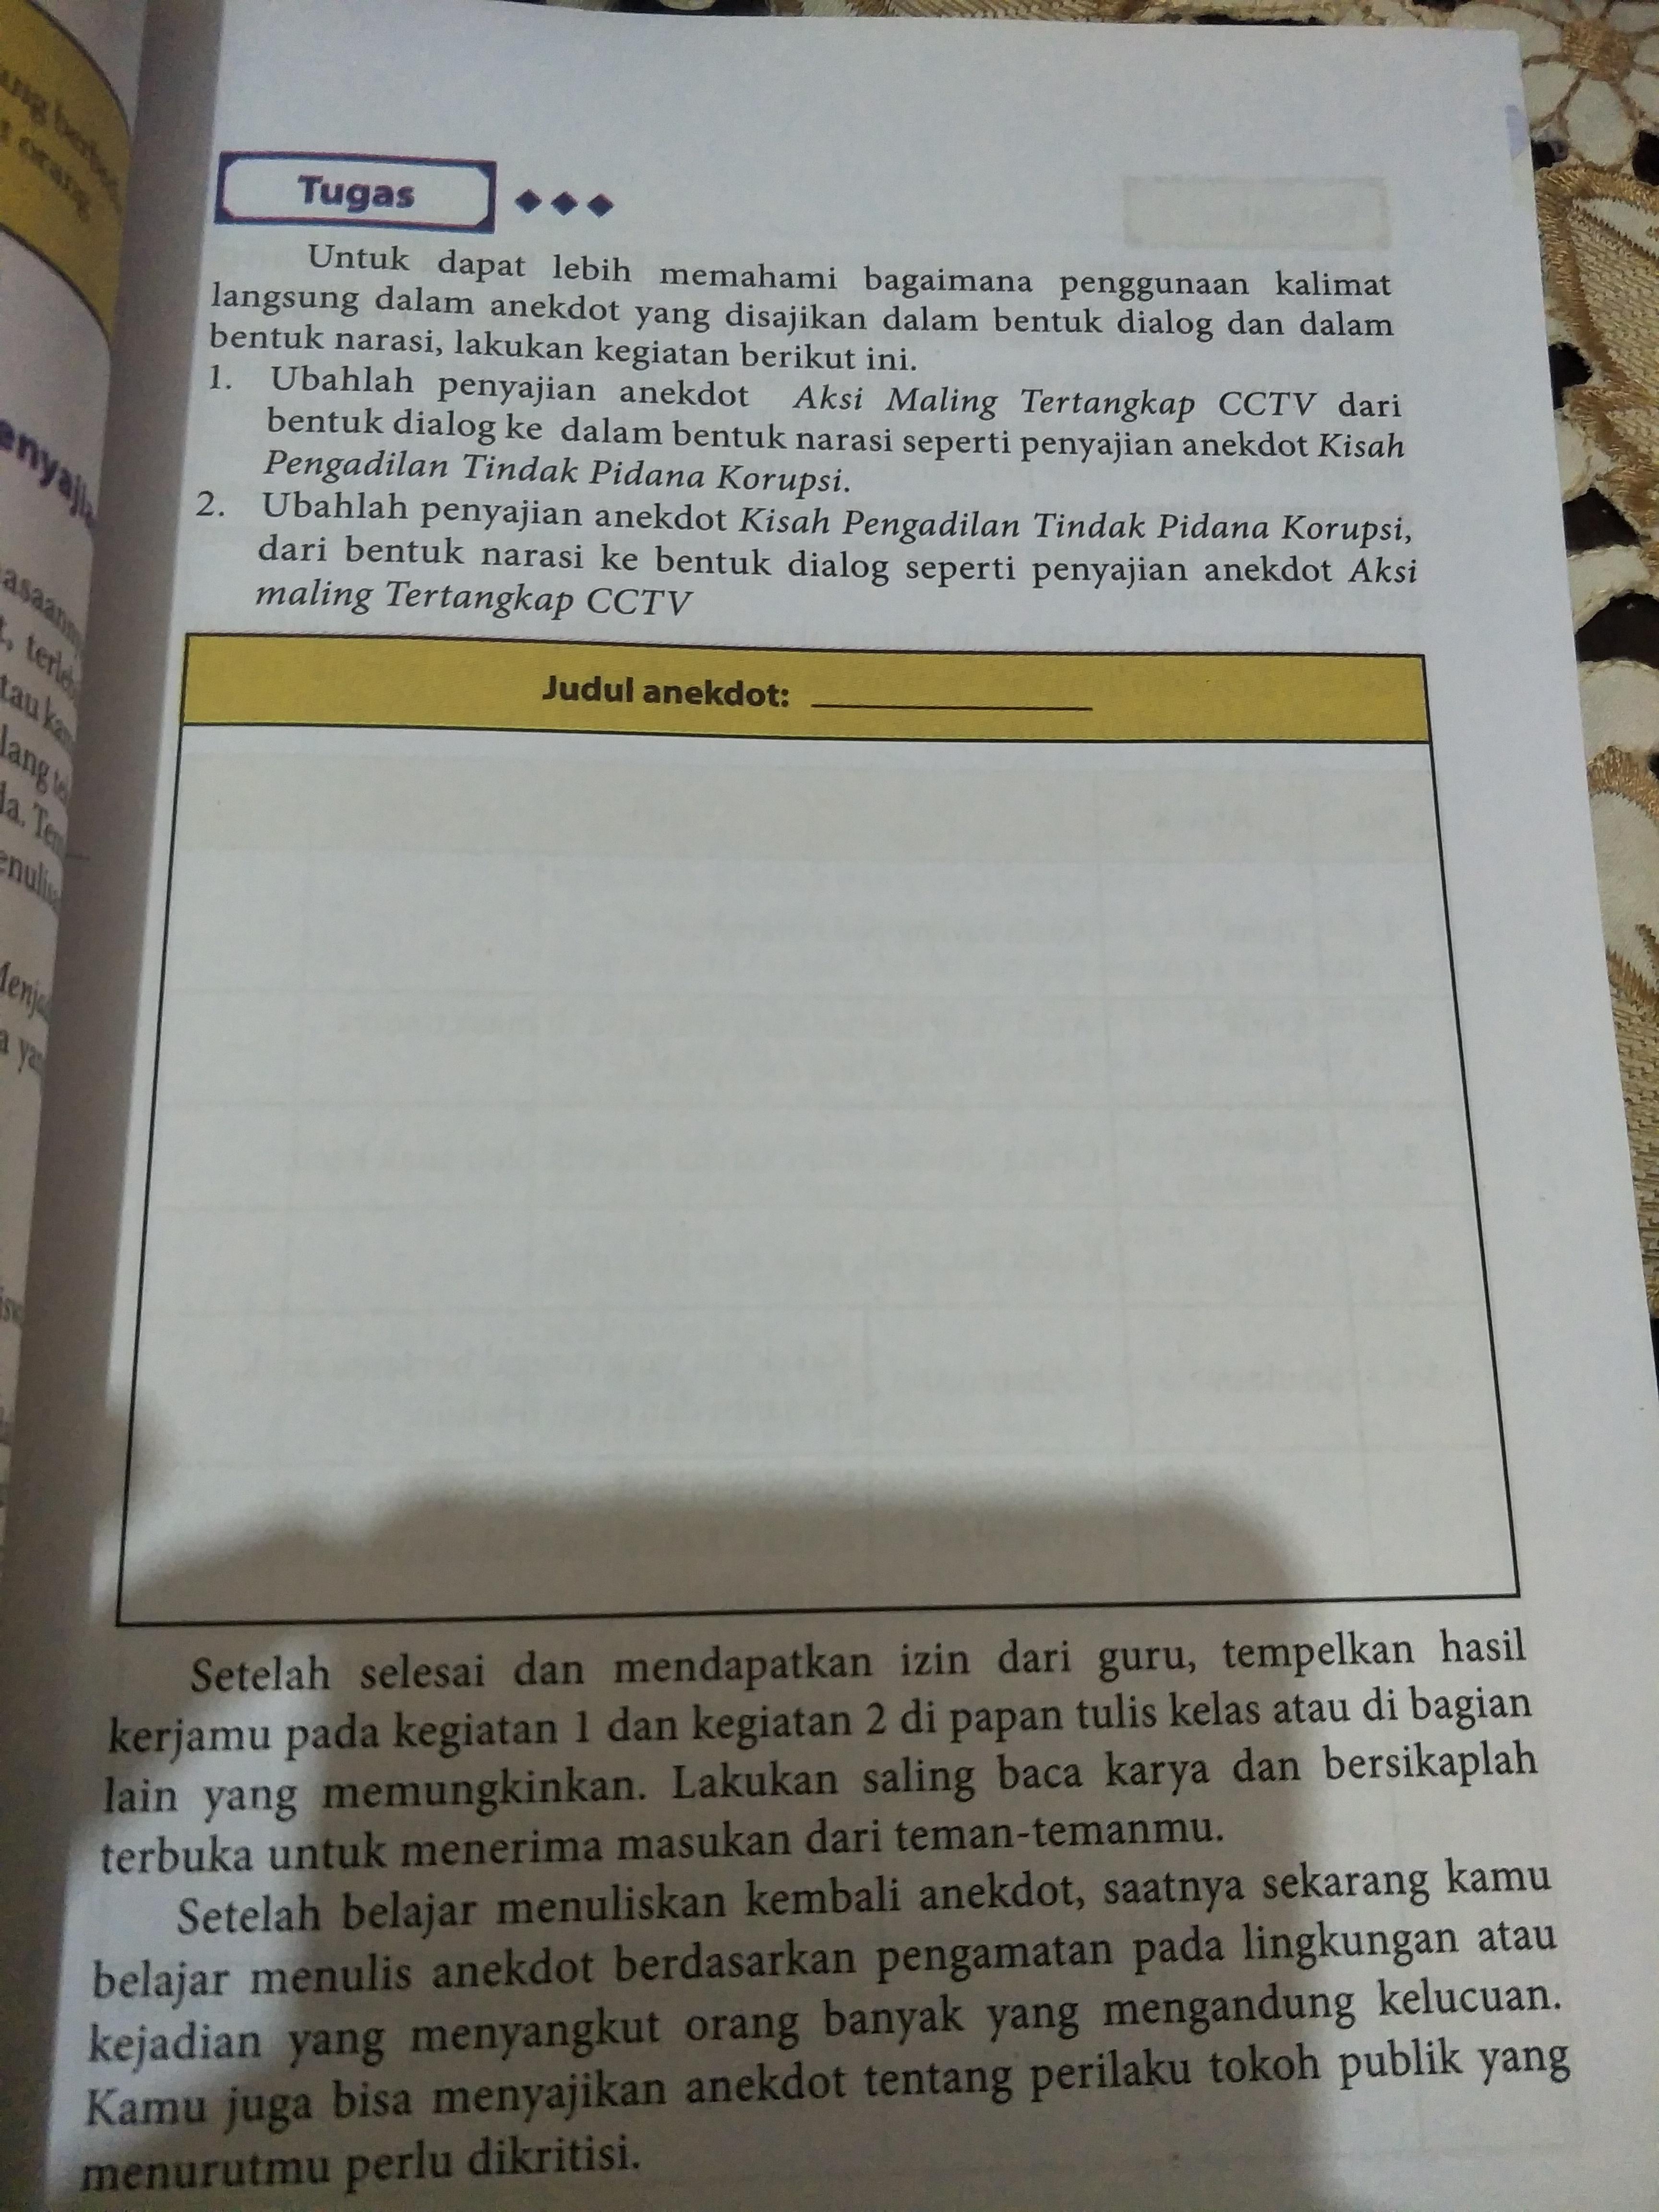 43 Kunci Jawaban Buku Bahasa Indonesia Kelas 10 Kurikulum 2013 Semester 1 Photos Cebong Kampret